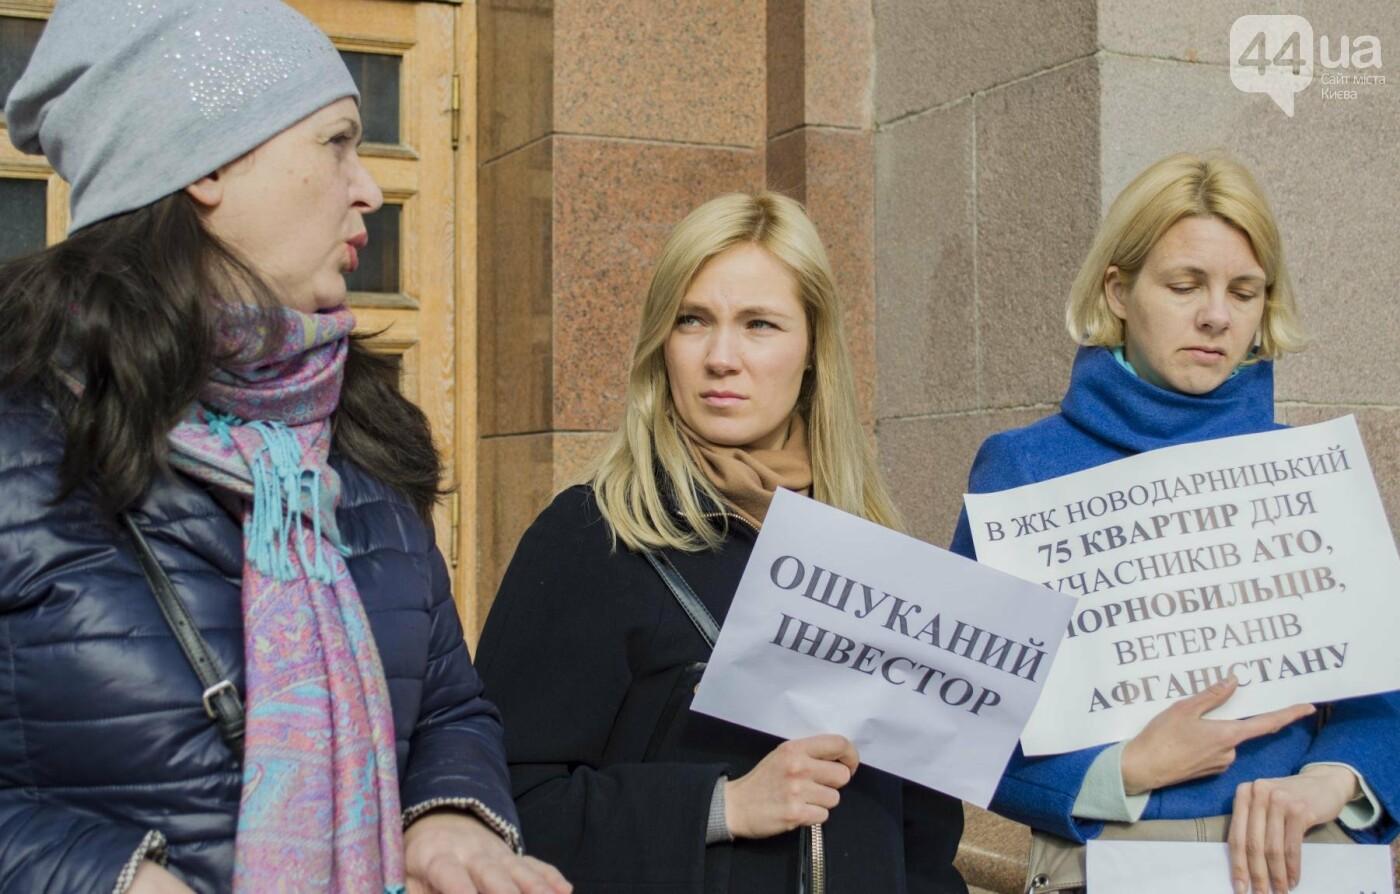 """""""Кличко, дострой ЖК"""": под мэрией обманутые инвесторы устроили митинг, фото-7"""